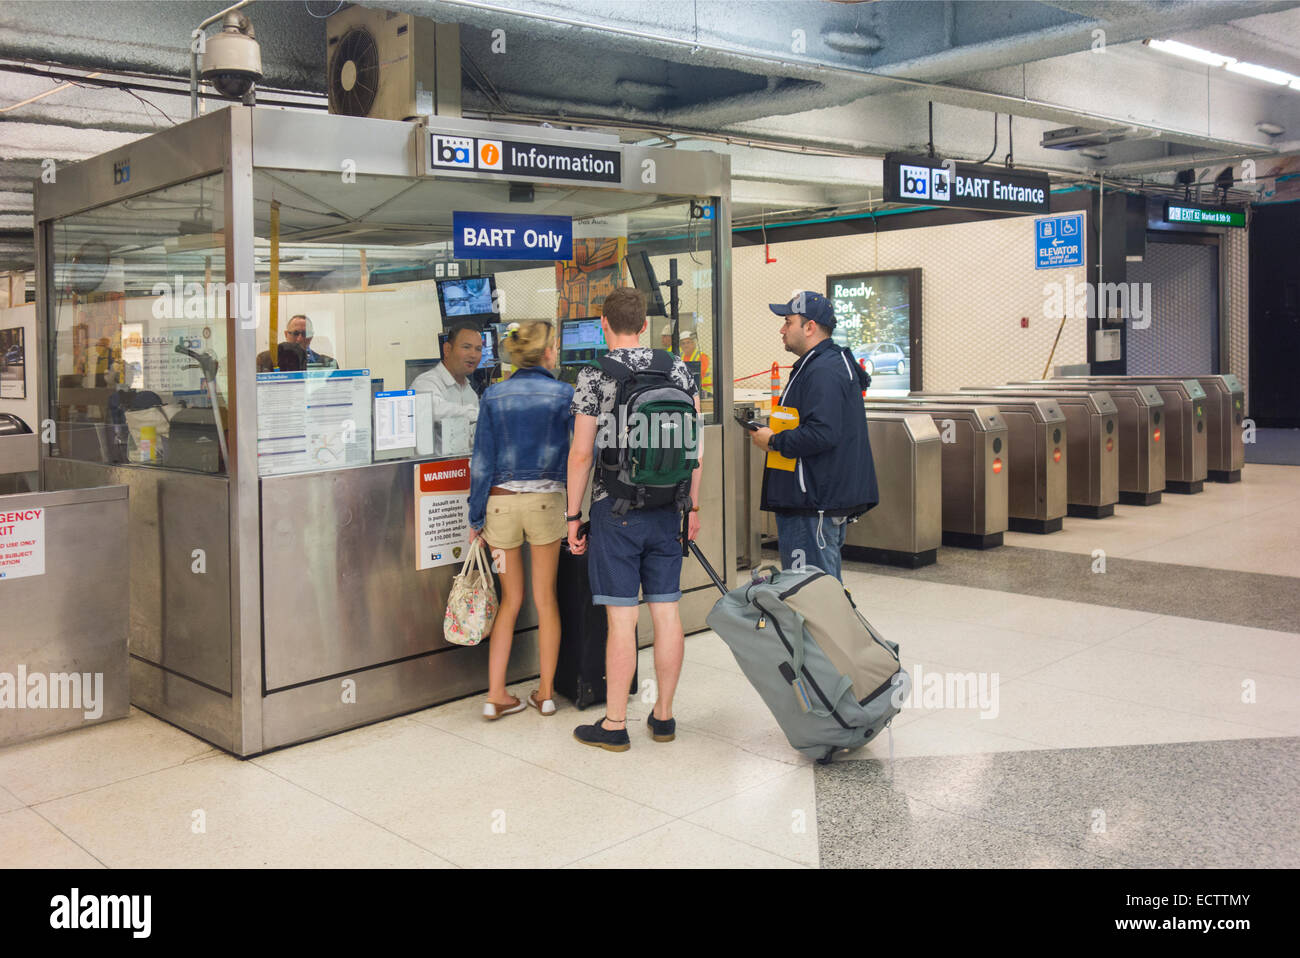 San Francisco BART subway station - Stock Image